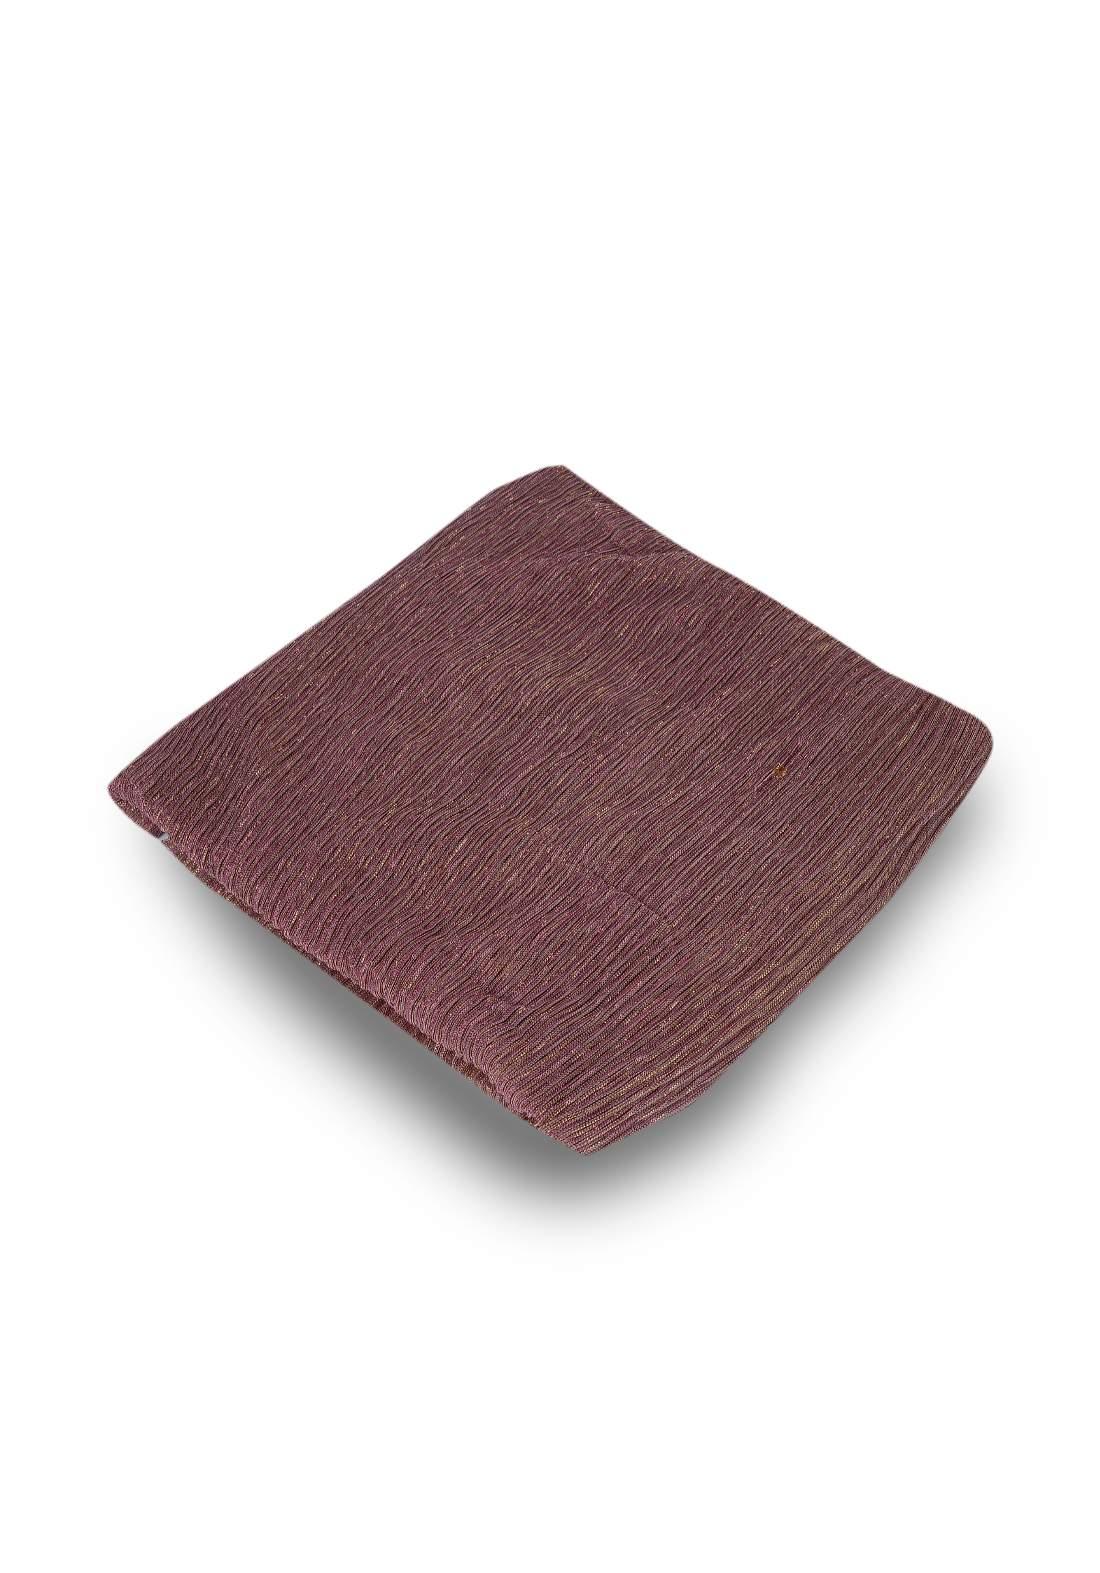 شال بلمعة وردي اللون